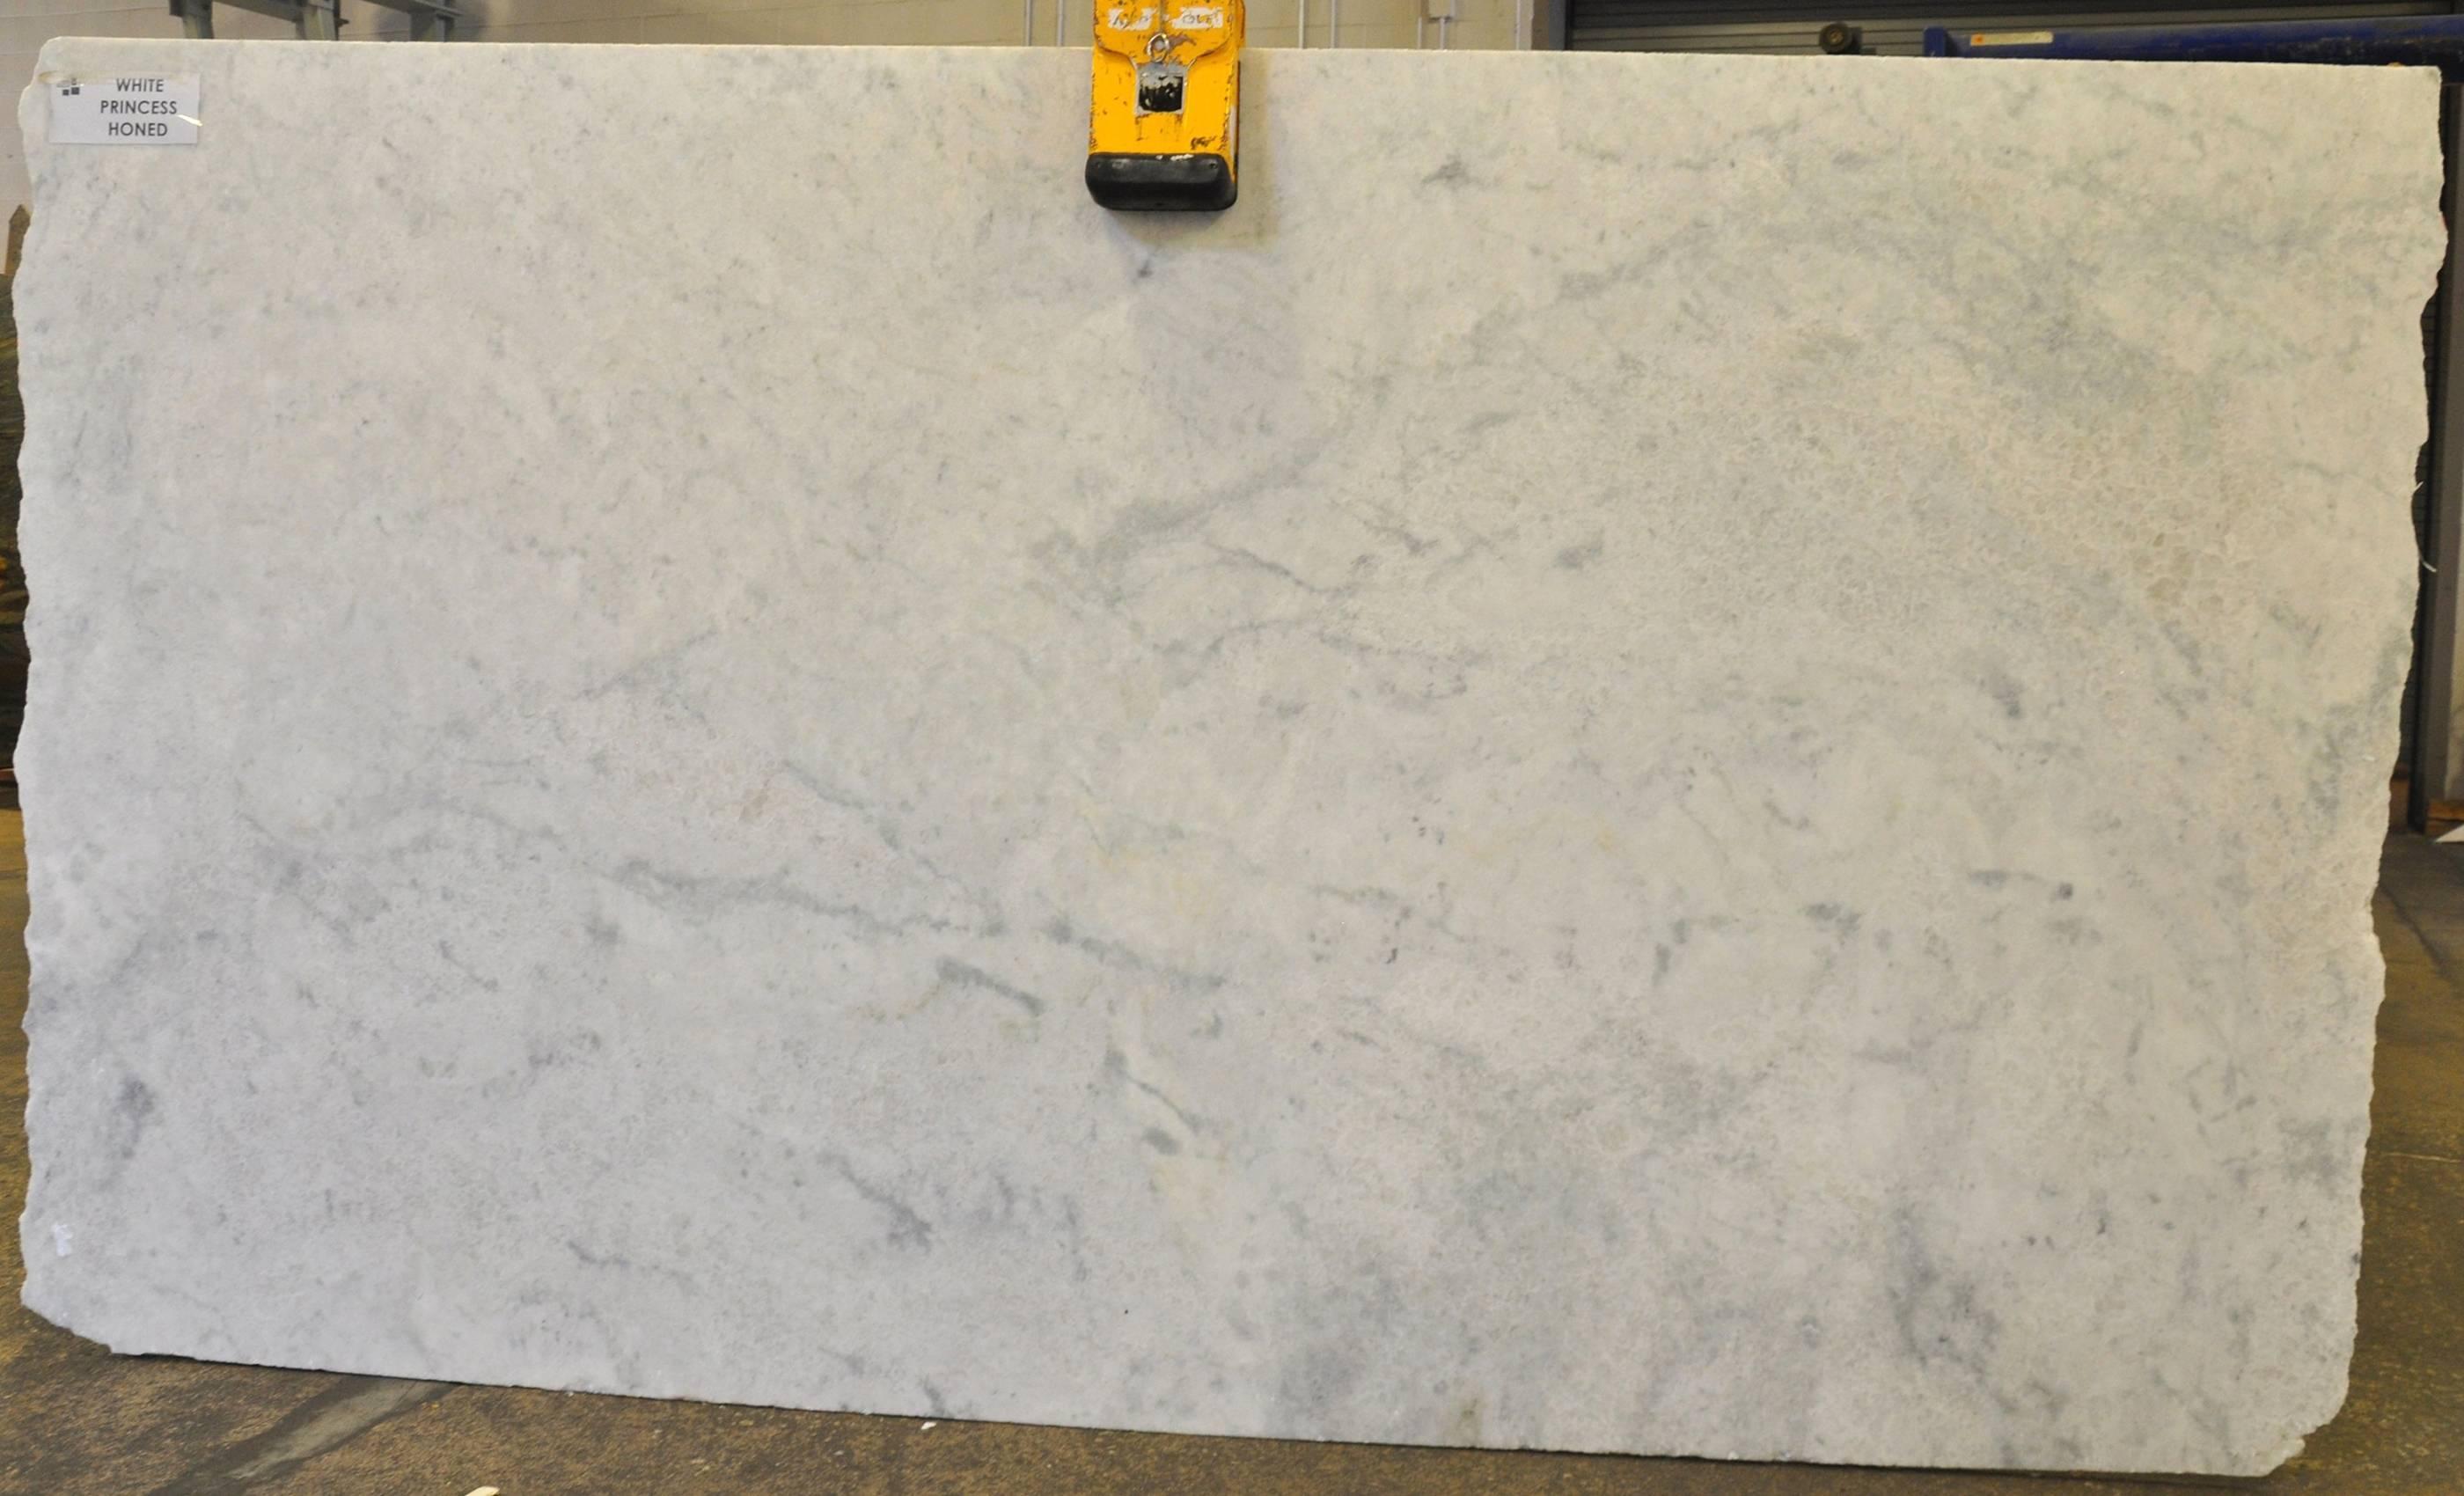 white princess granite price per square foot